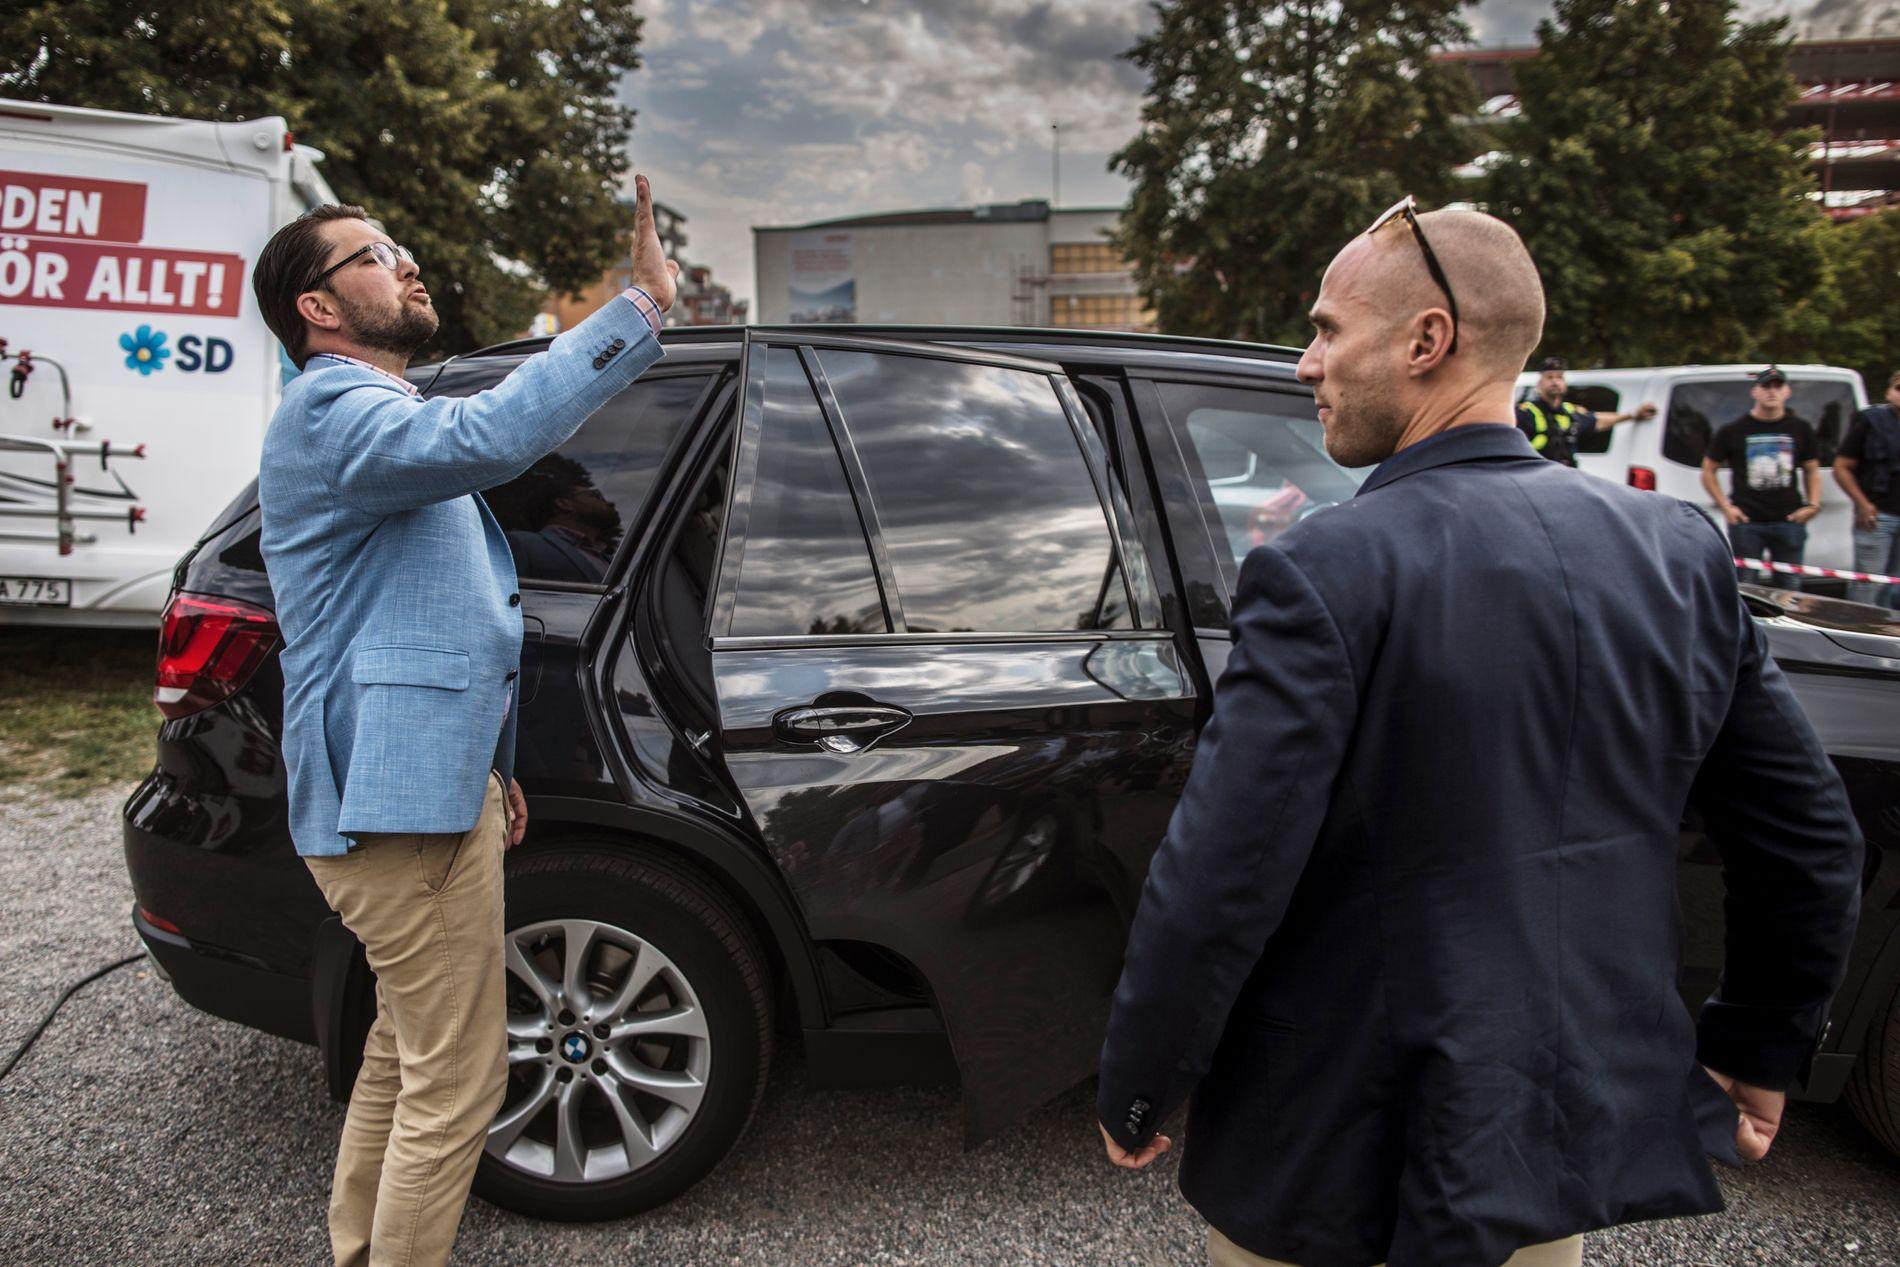 POPULÆR POPULIST: SD-leder Jimmie Åkesson bruker de siste ukene før riksdagsvalget til å reise rundt i Sverige og møte tilhengerne sine.